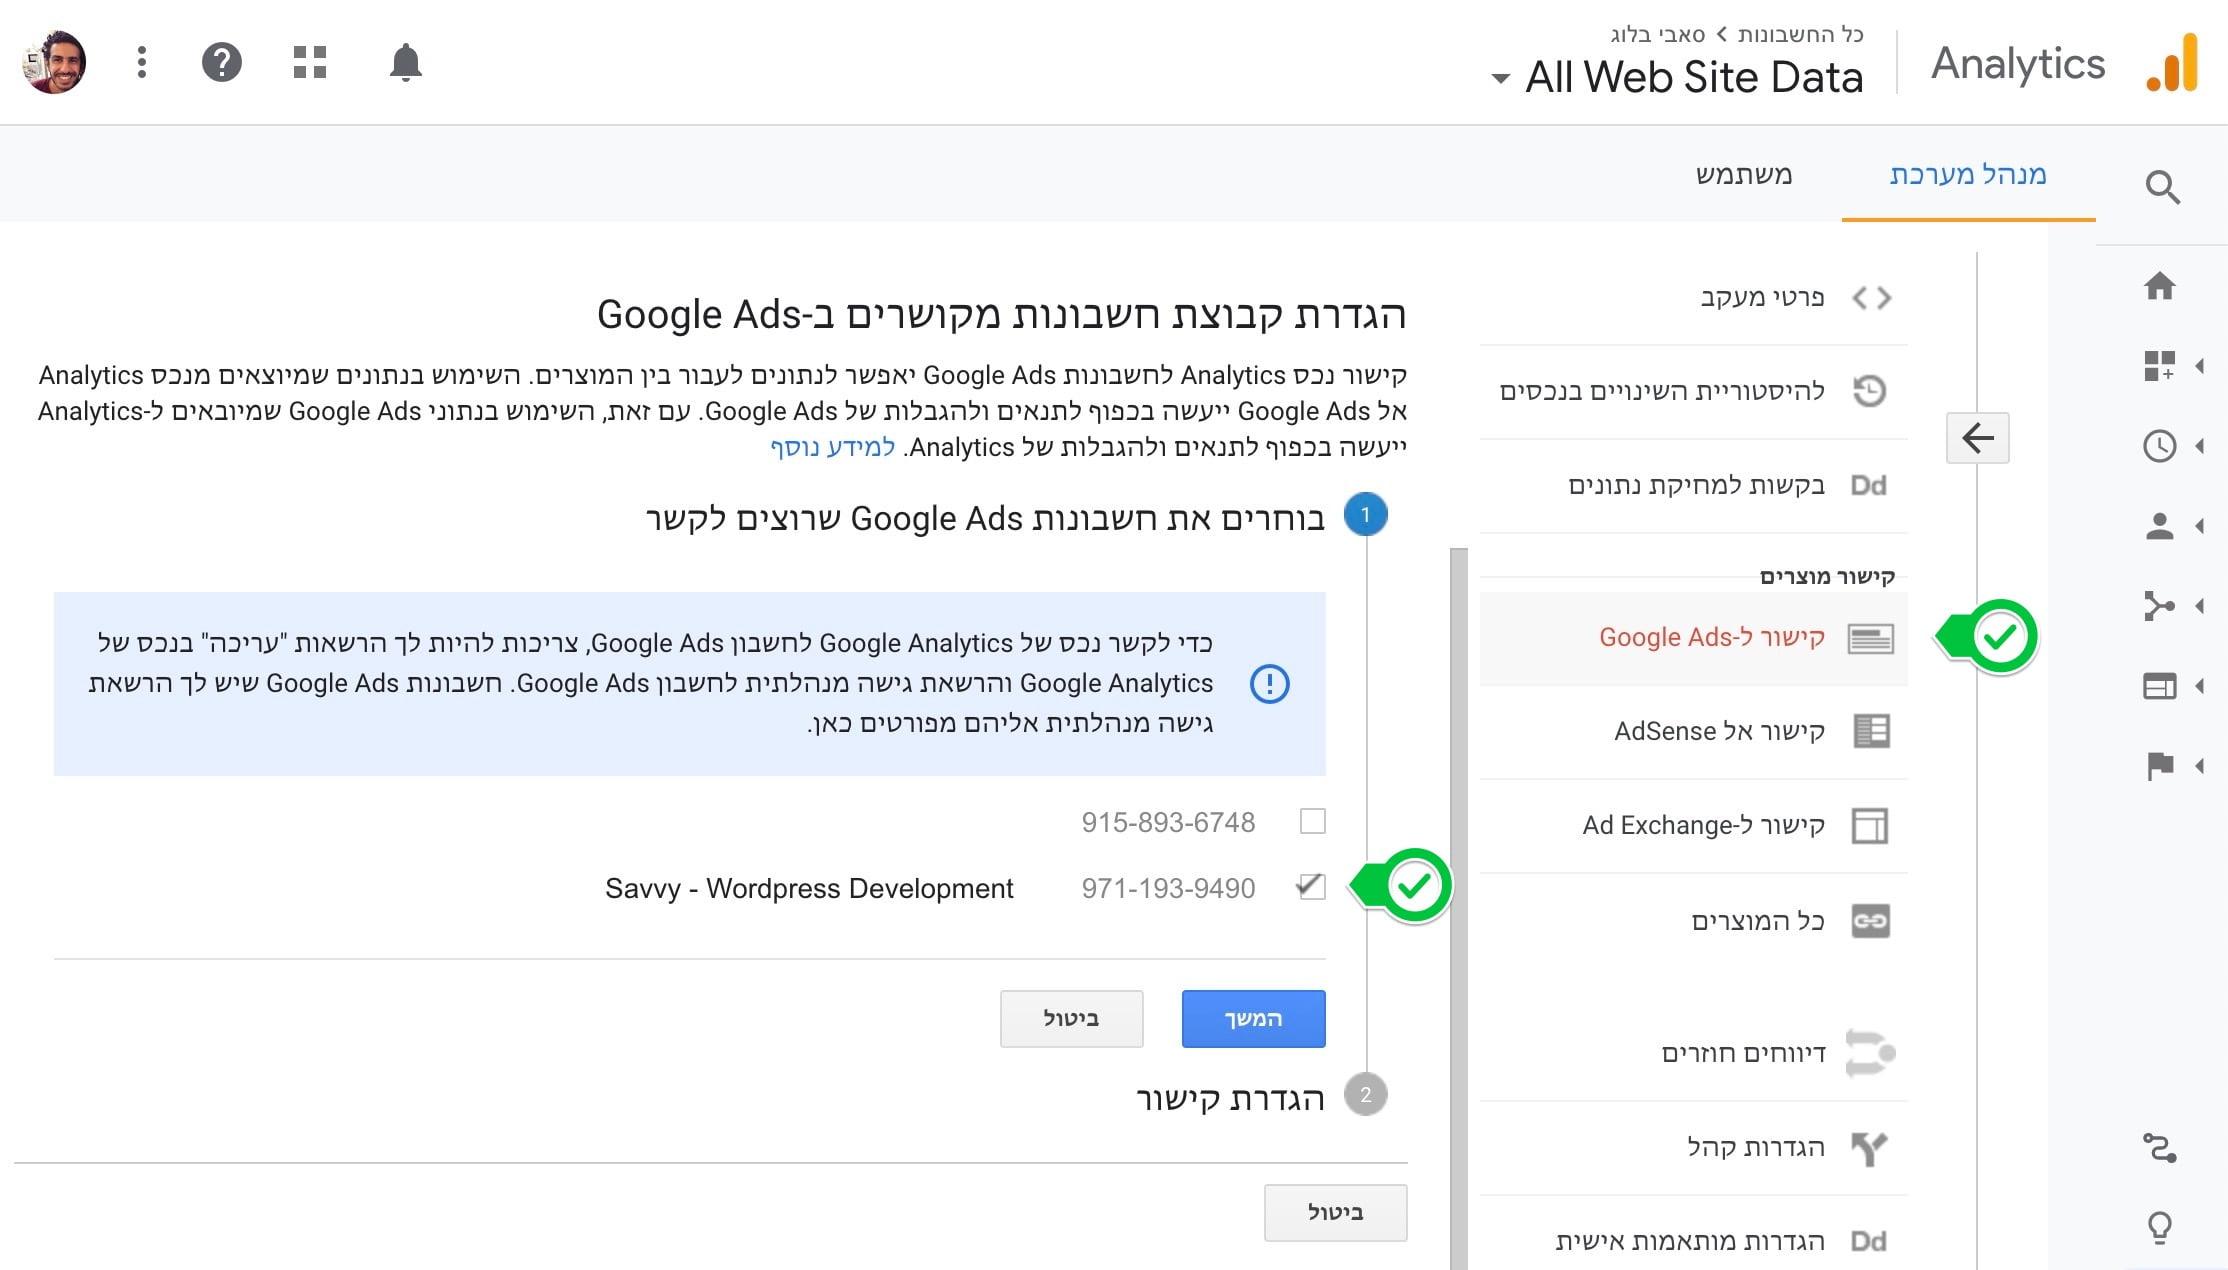 כיצד לקשר את גוגל אנליטיקס ל Google Ads